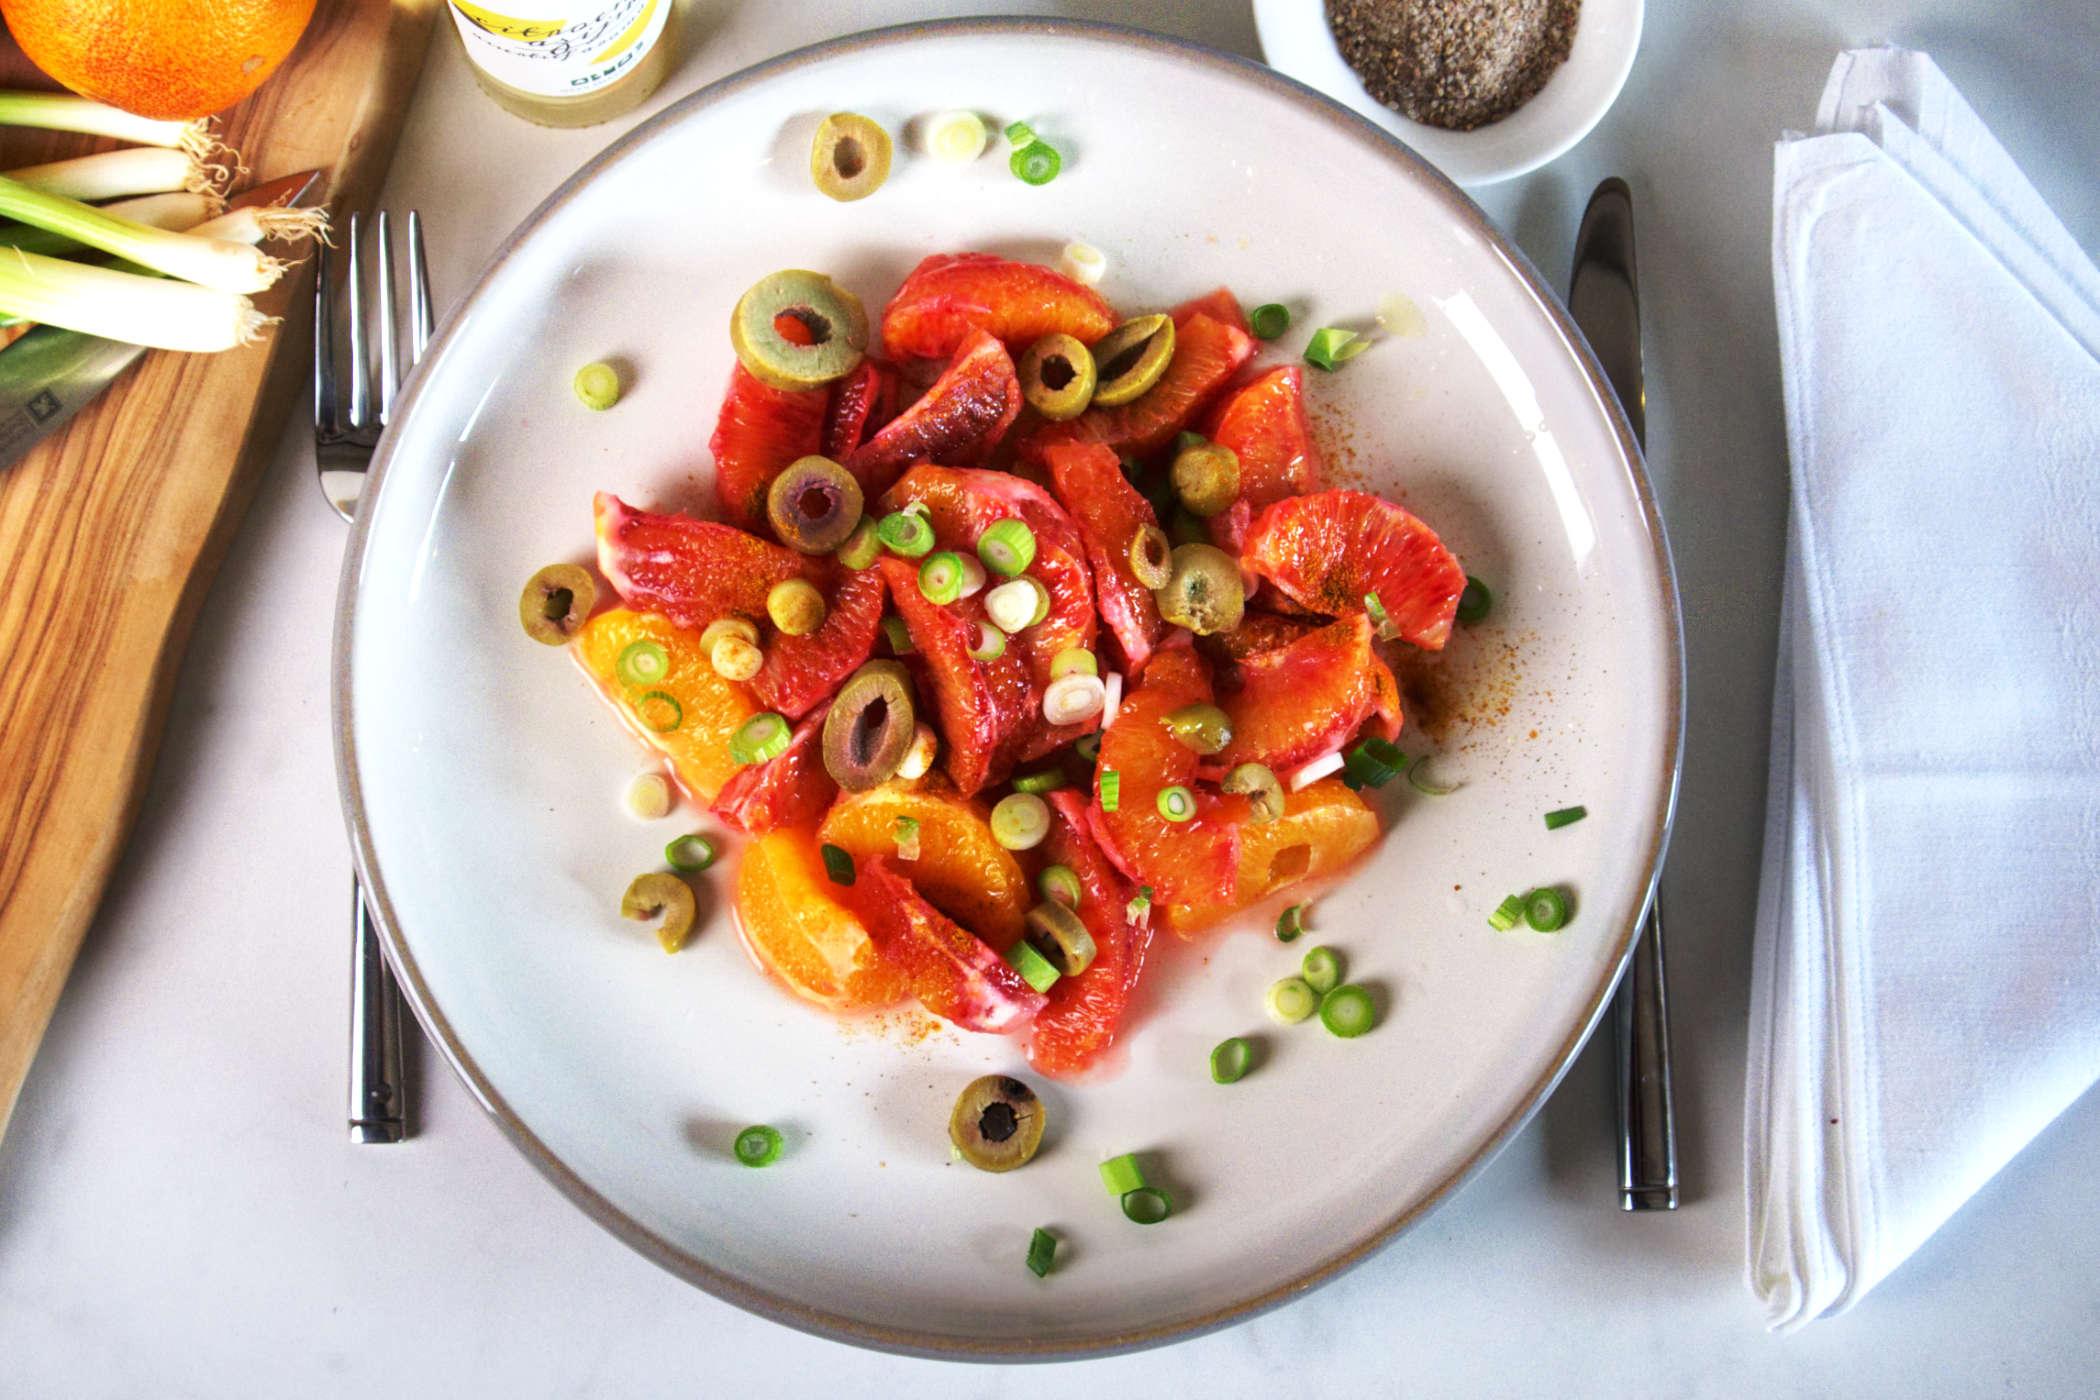 Bloedsinaasappelsalade